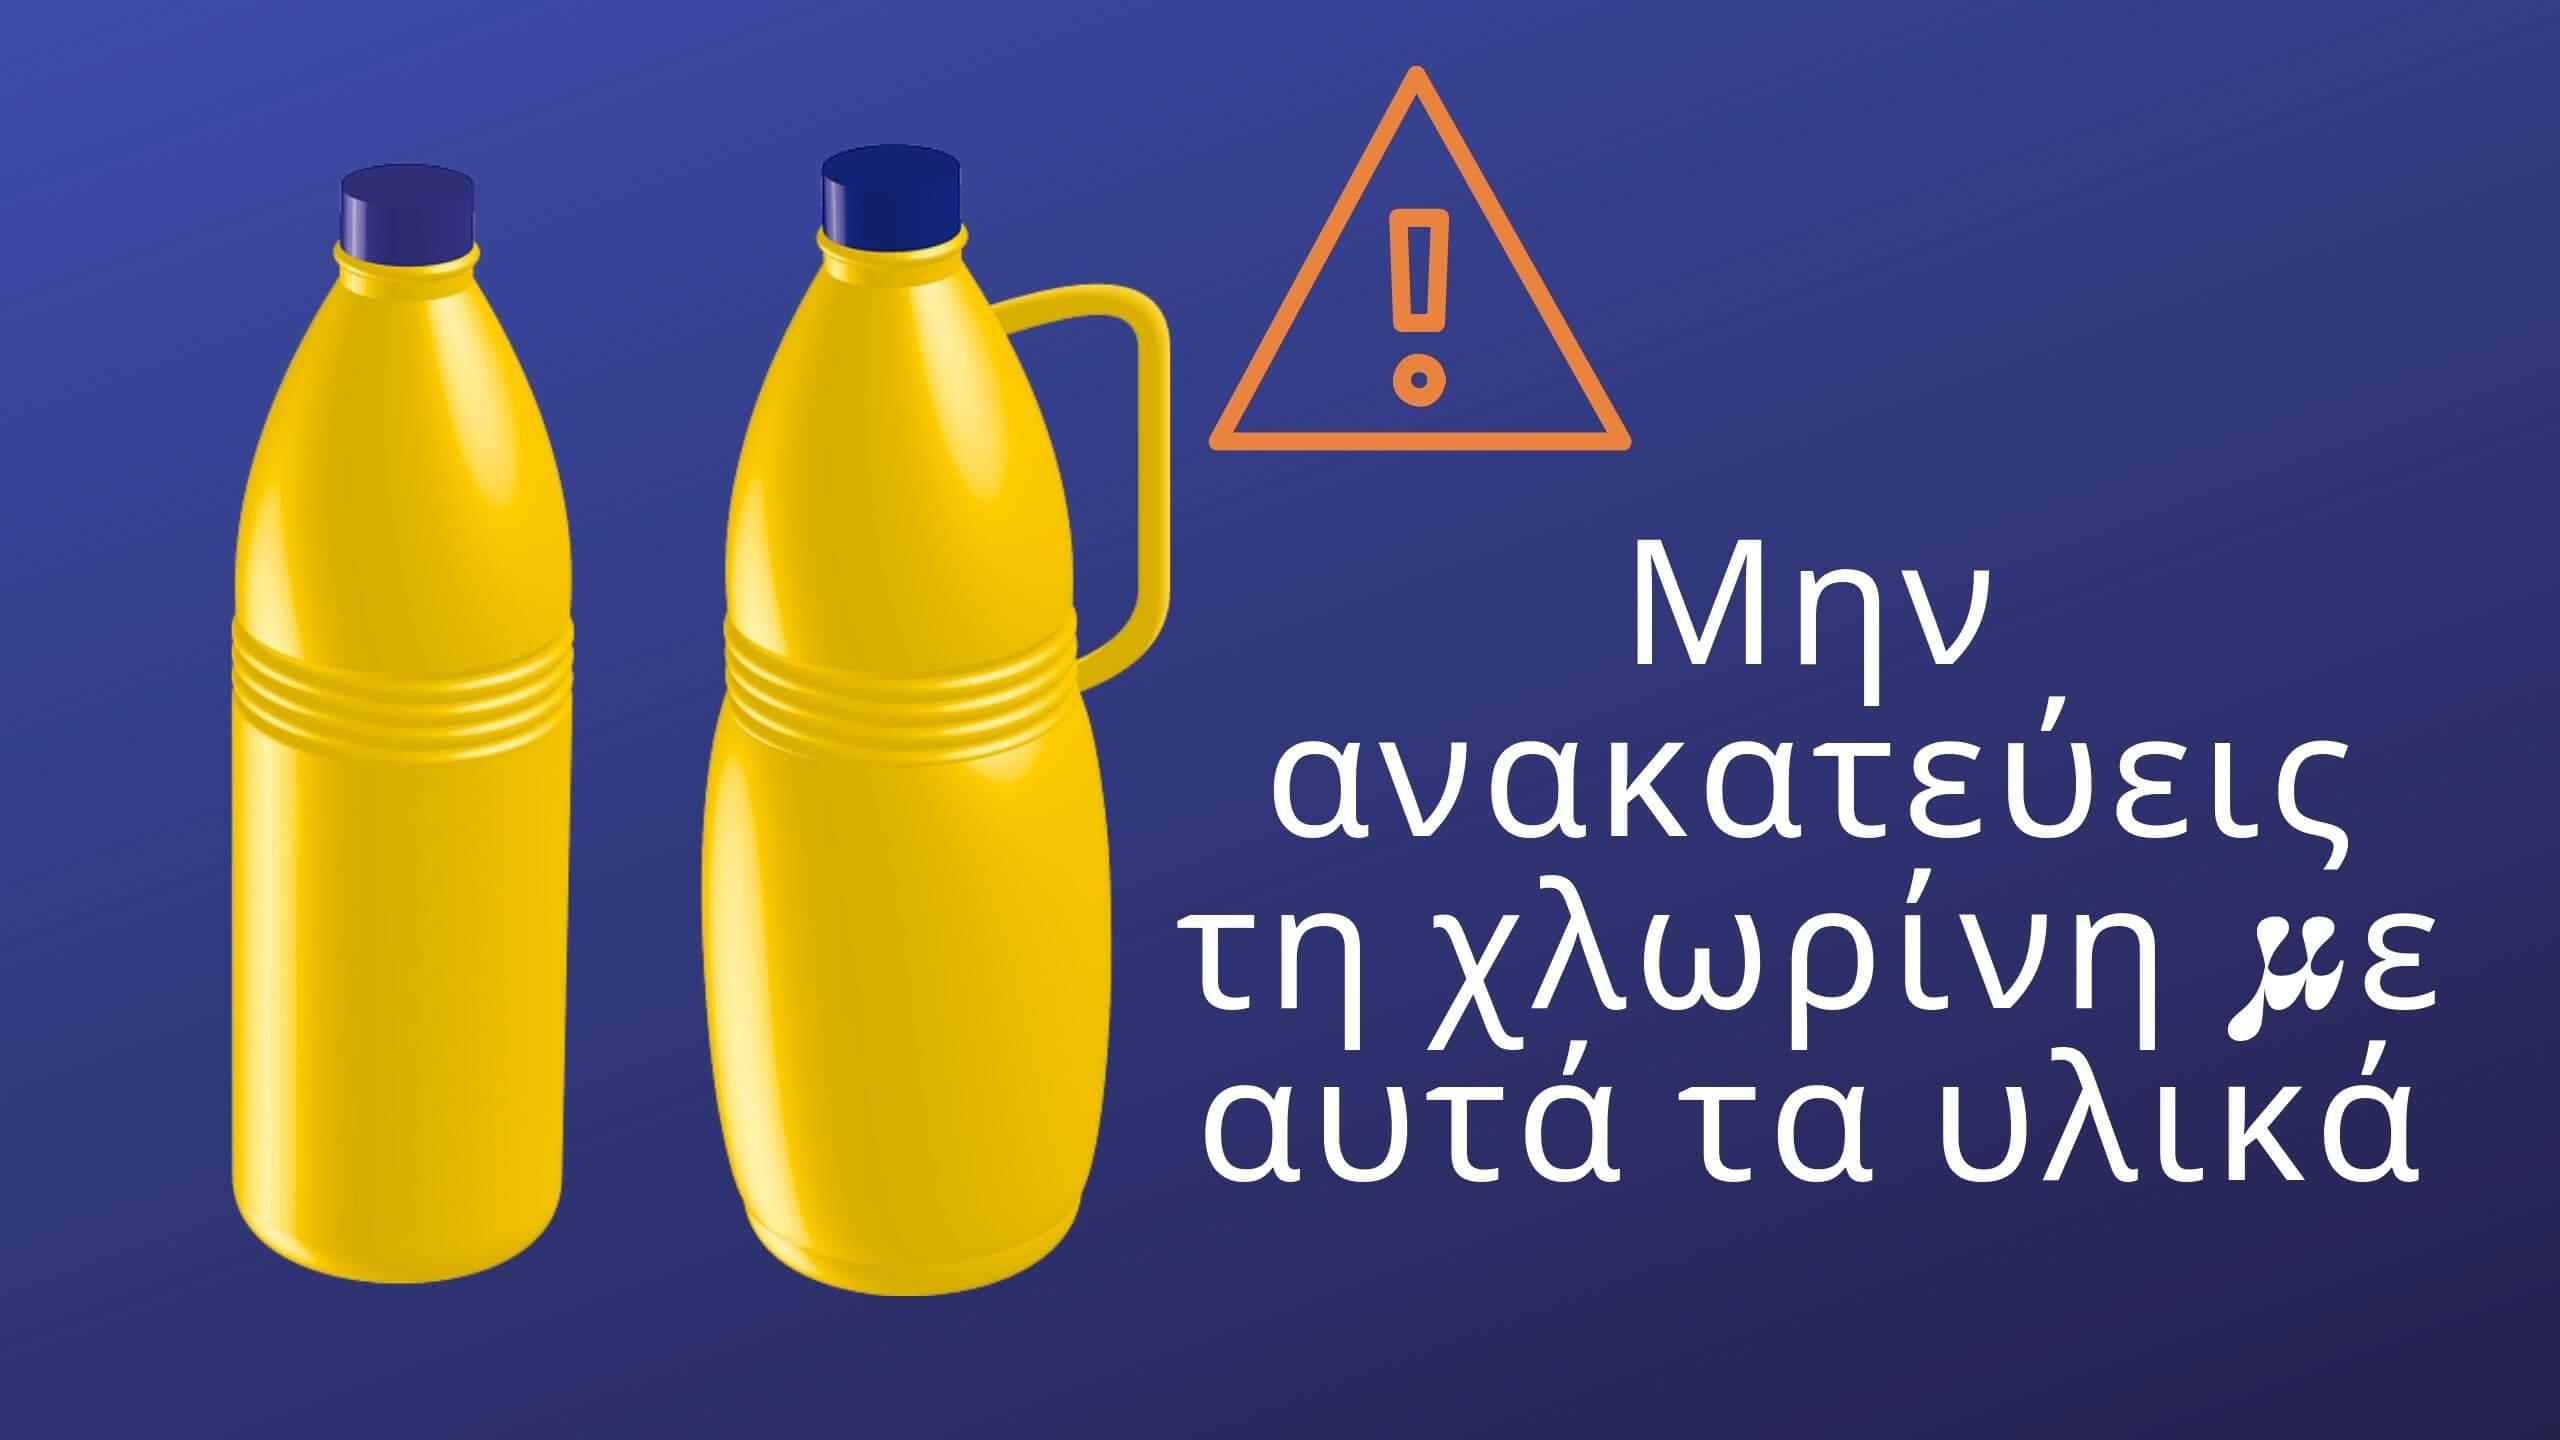 Μην ανακατεύεις ΠΟΤΕ τη χλωρίνη με αυτά τα υλικά.